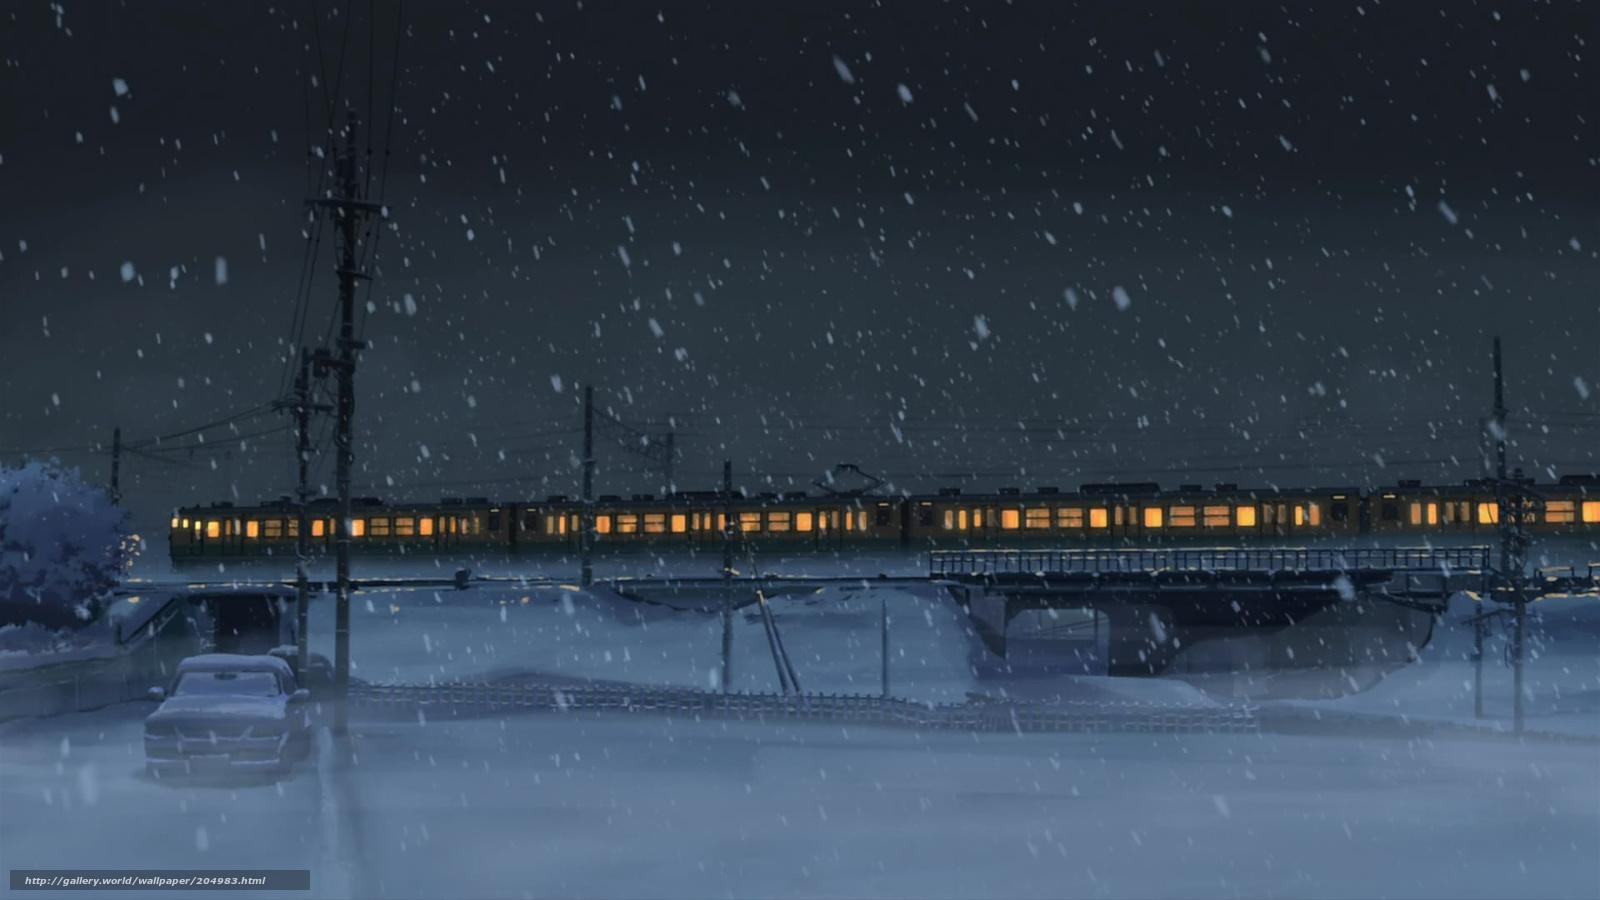 Scaricare gli sfondi treno notte inverno neve sfondi for Sfondi gratis desktop inverno